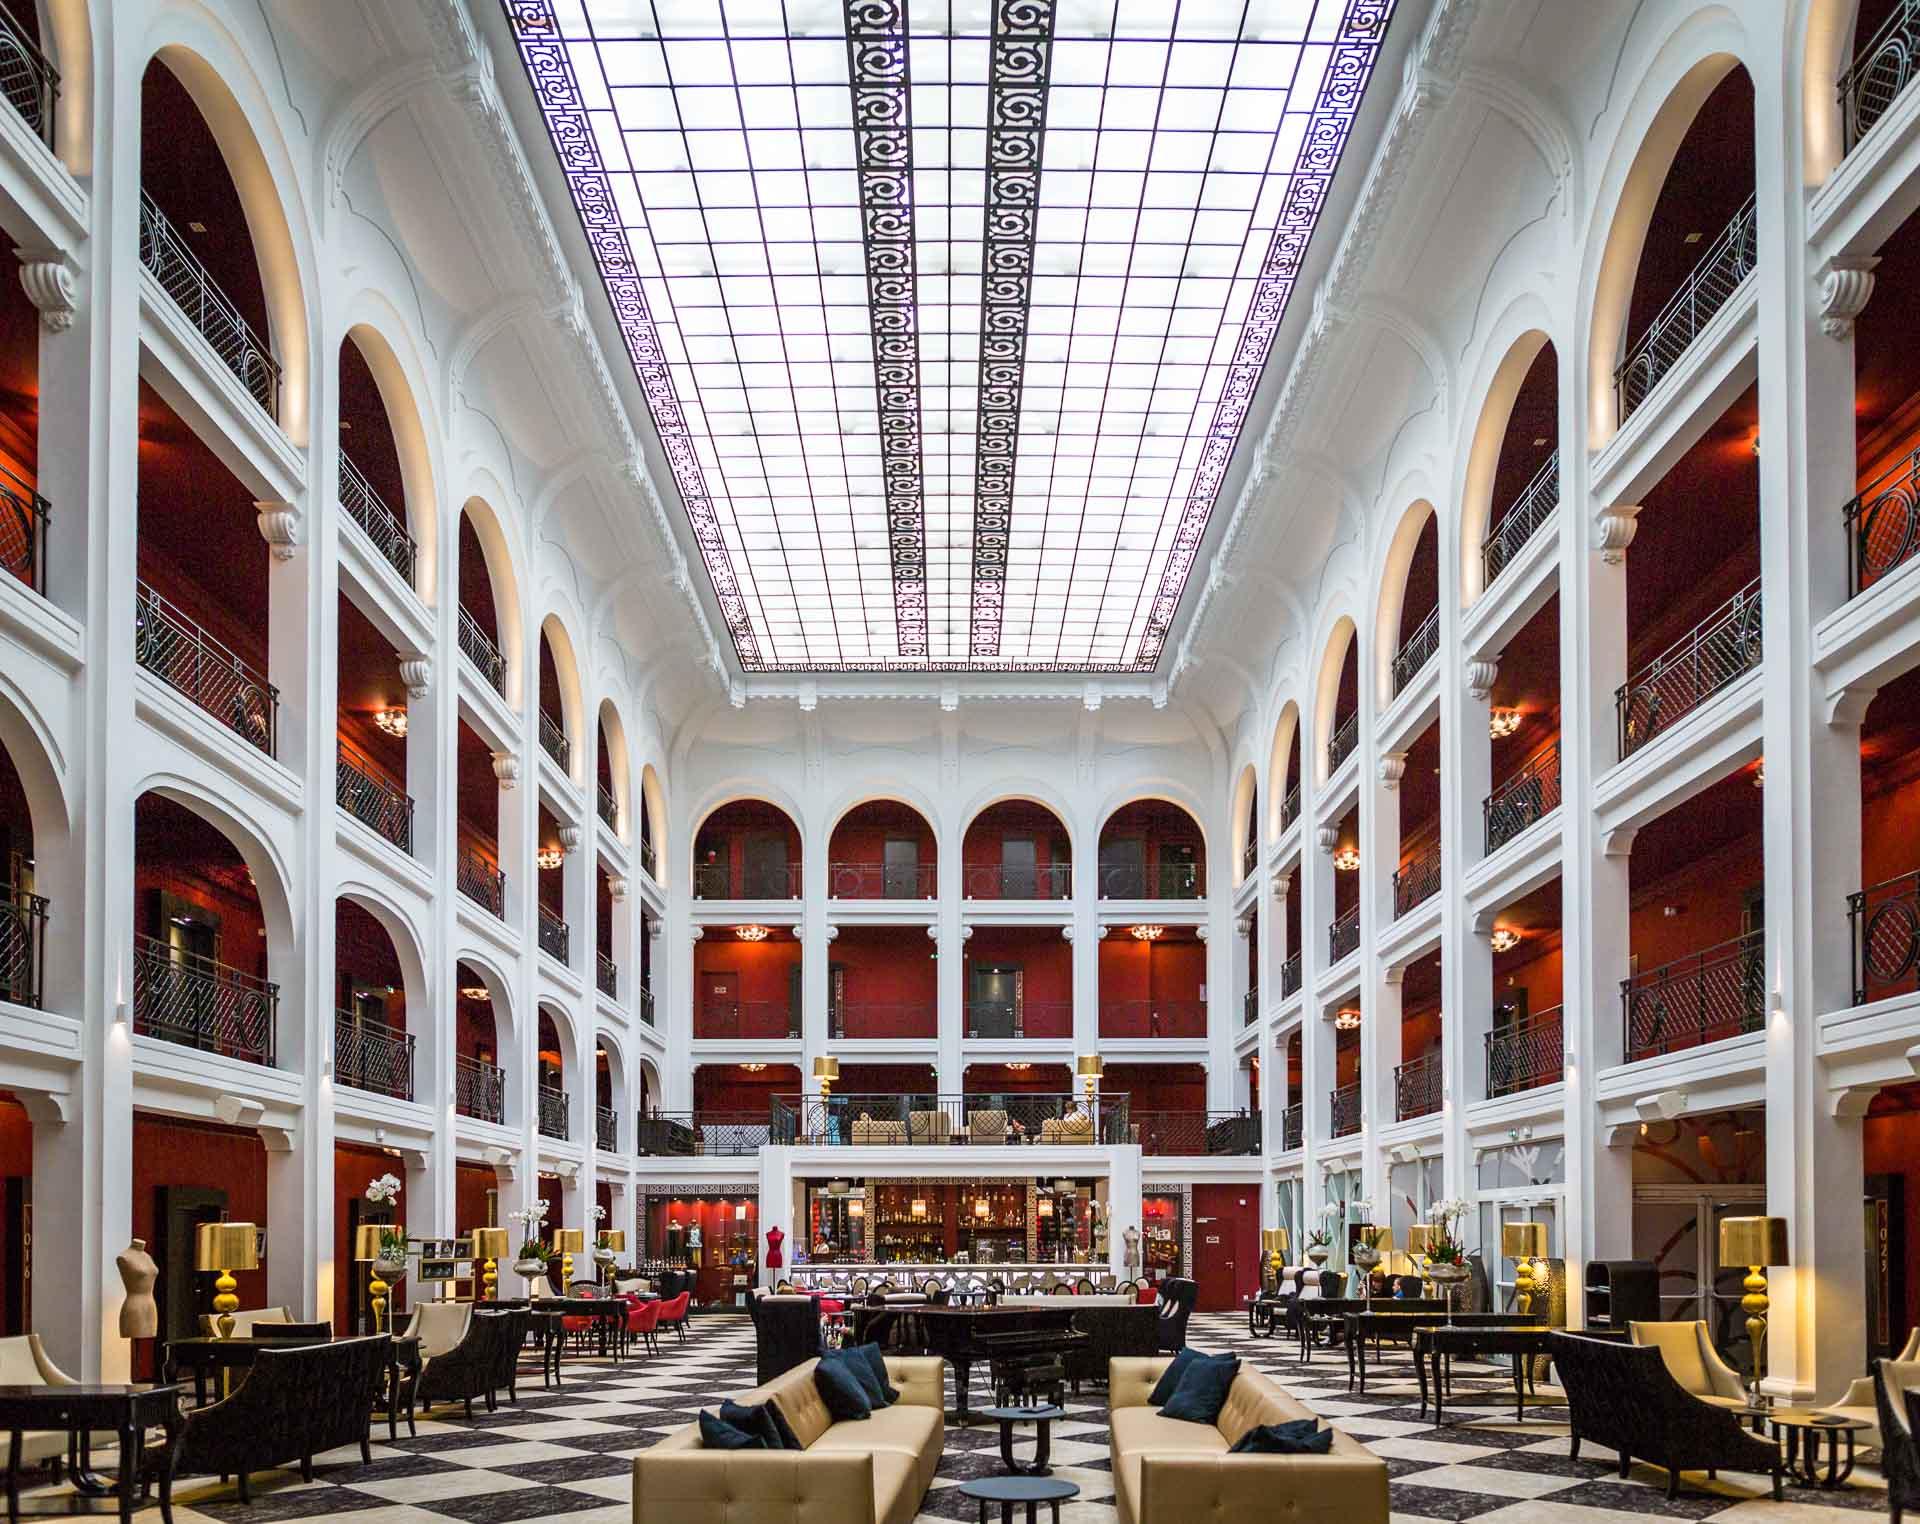 Hotel Regina Weekend blog trip Newshoot hoverboard